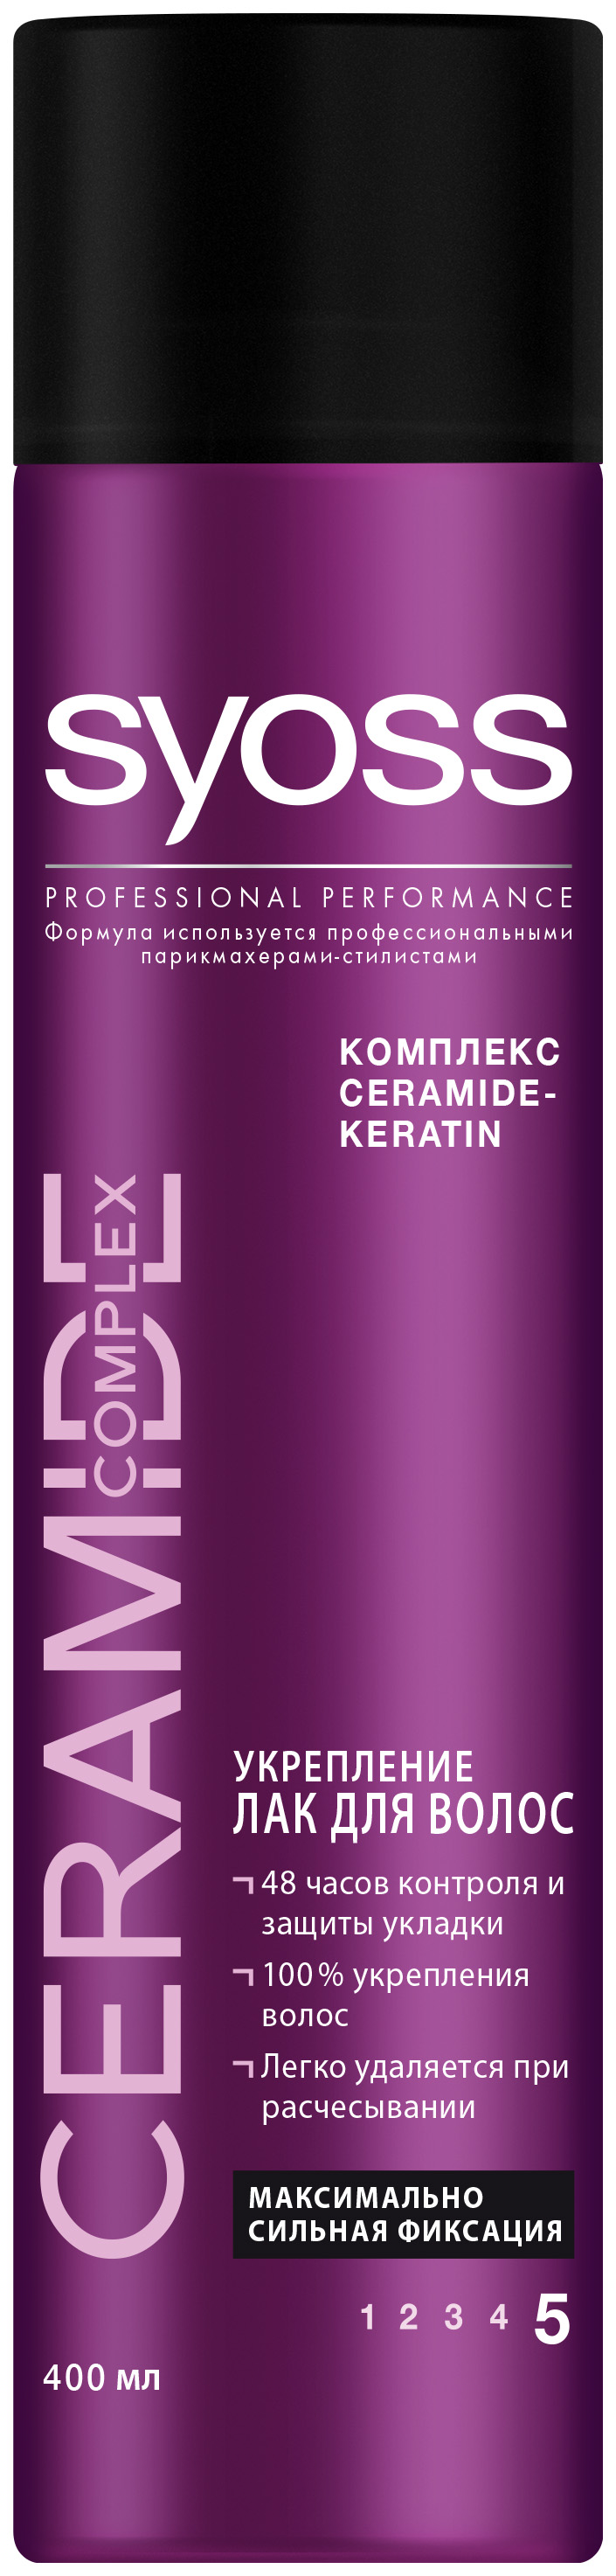 Лак для волос SYOSS Ceramide Complex Укрепление максимально сильная фиксация 400 мл